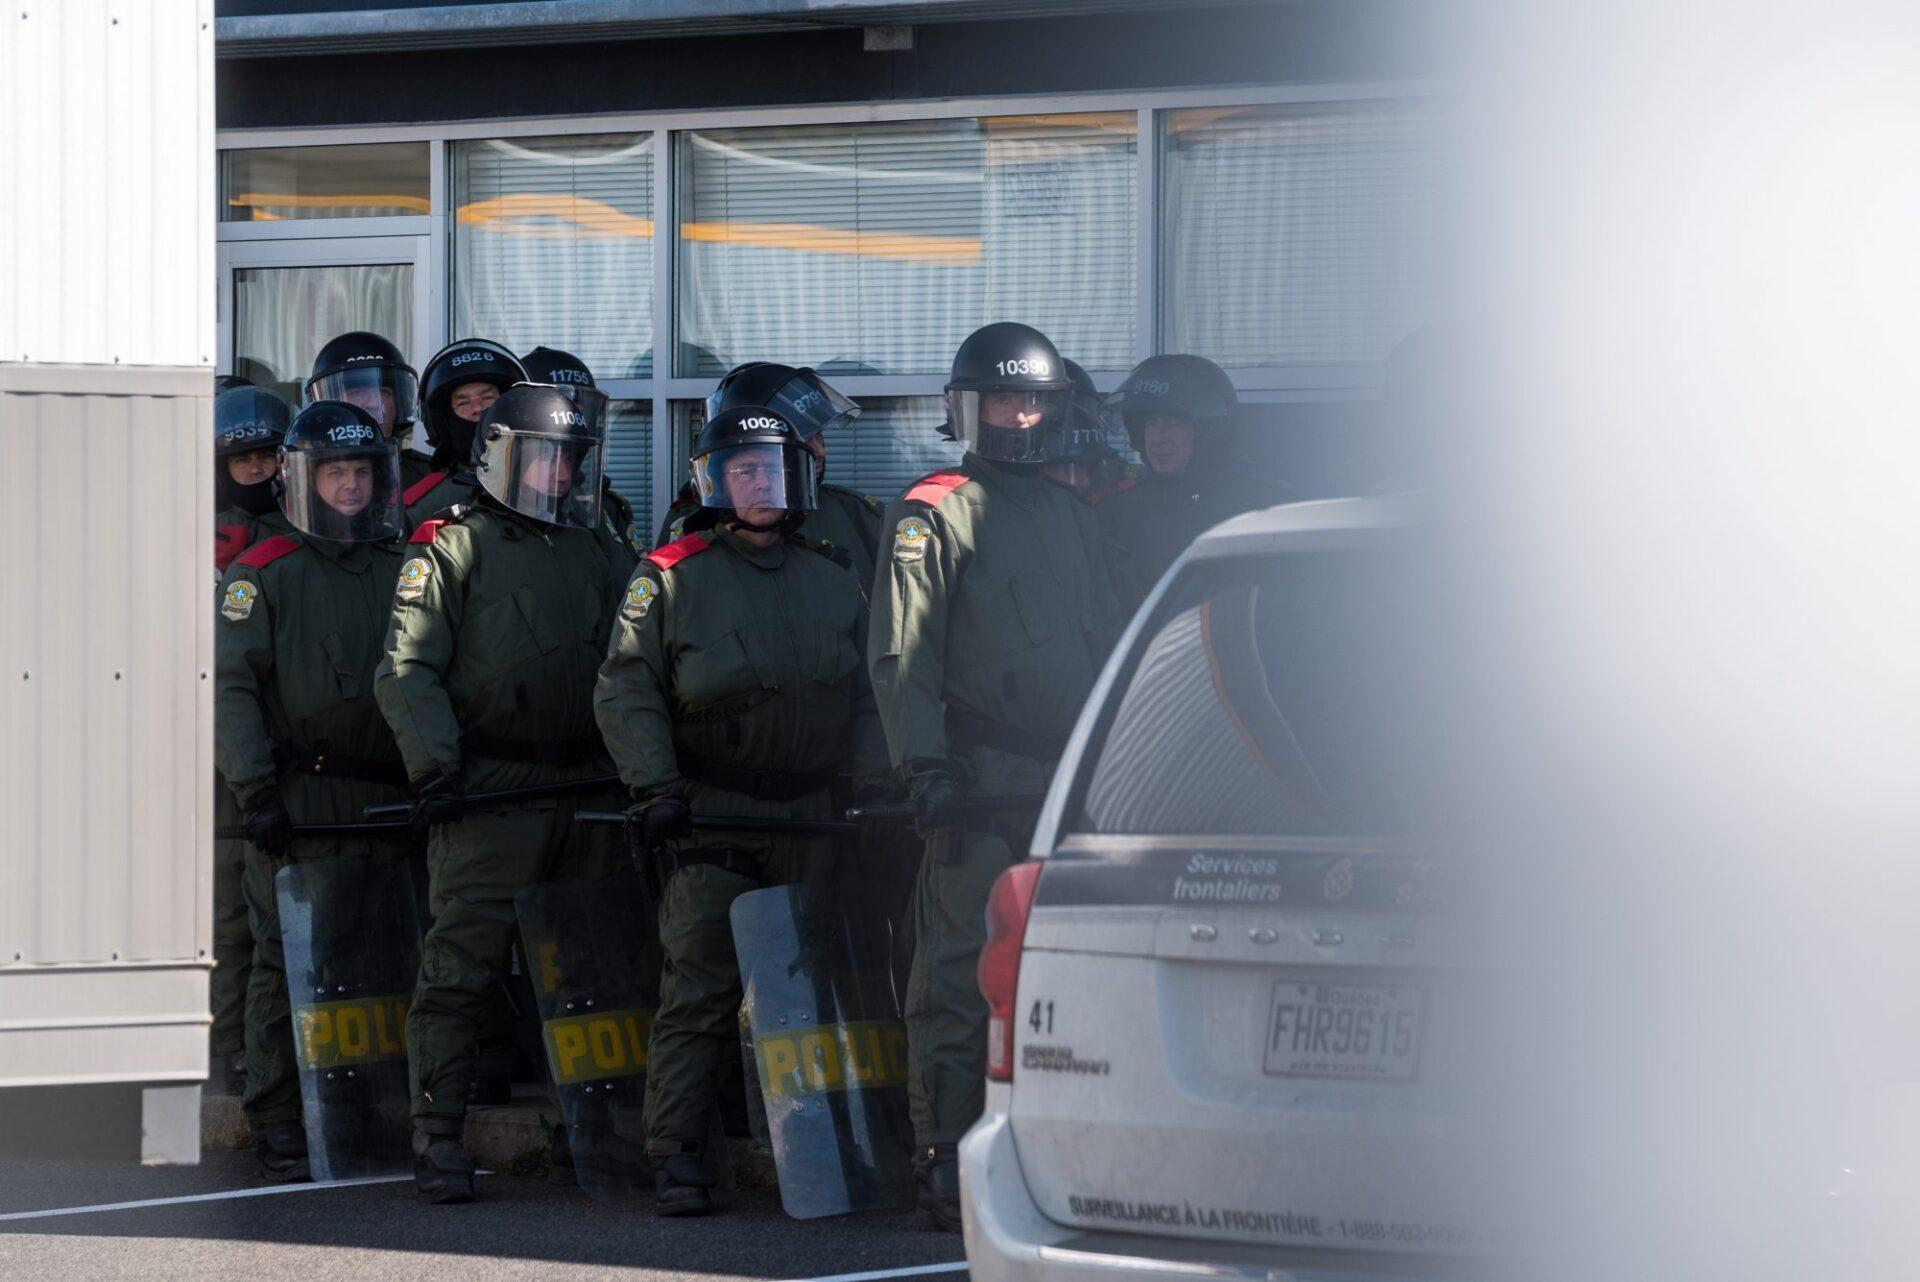 L'antiémeute de la Sûreté du Québec est restée dans l'ombre jusqu'à l'arrivée des manifestants de Storm Alliance   Photo: Martin Ouellet-Diotte Montréal Campus